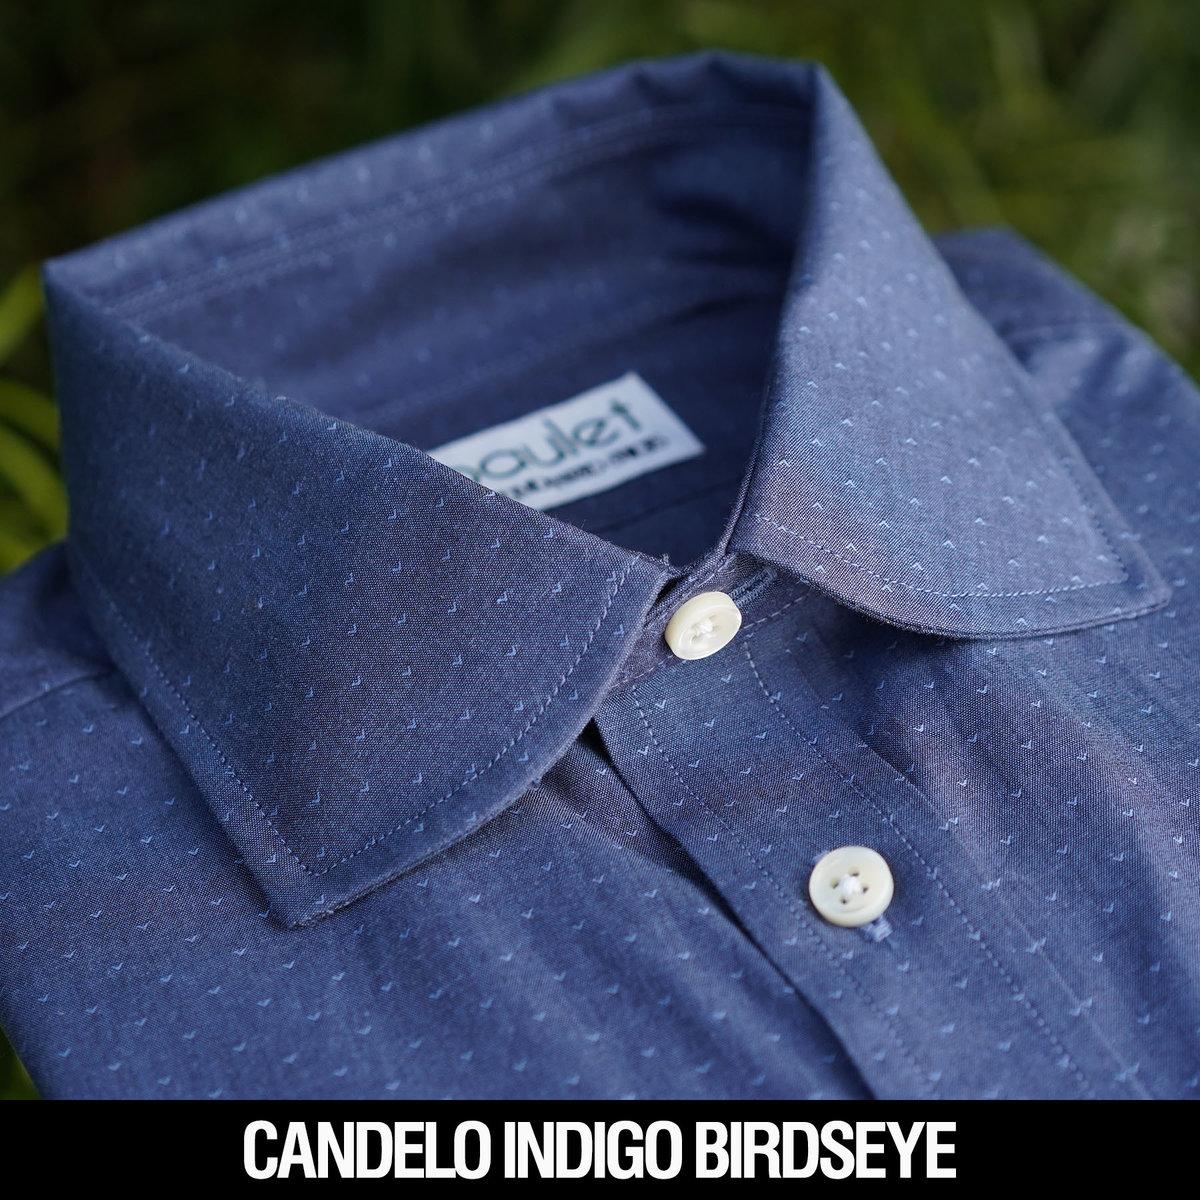 Candelo Indigo Birdseye.jpg